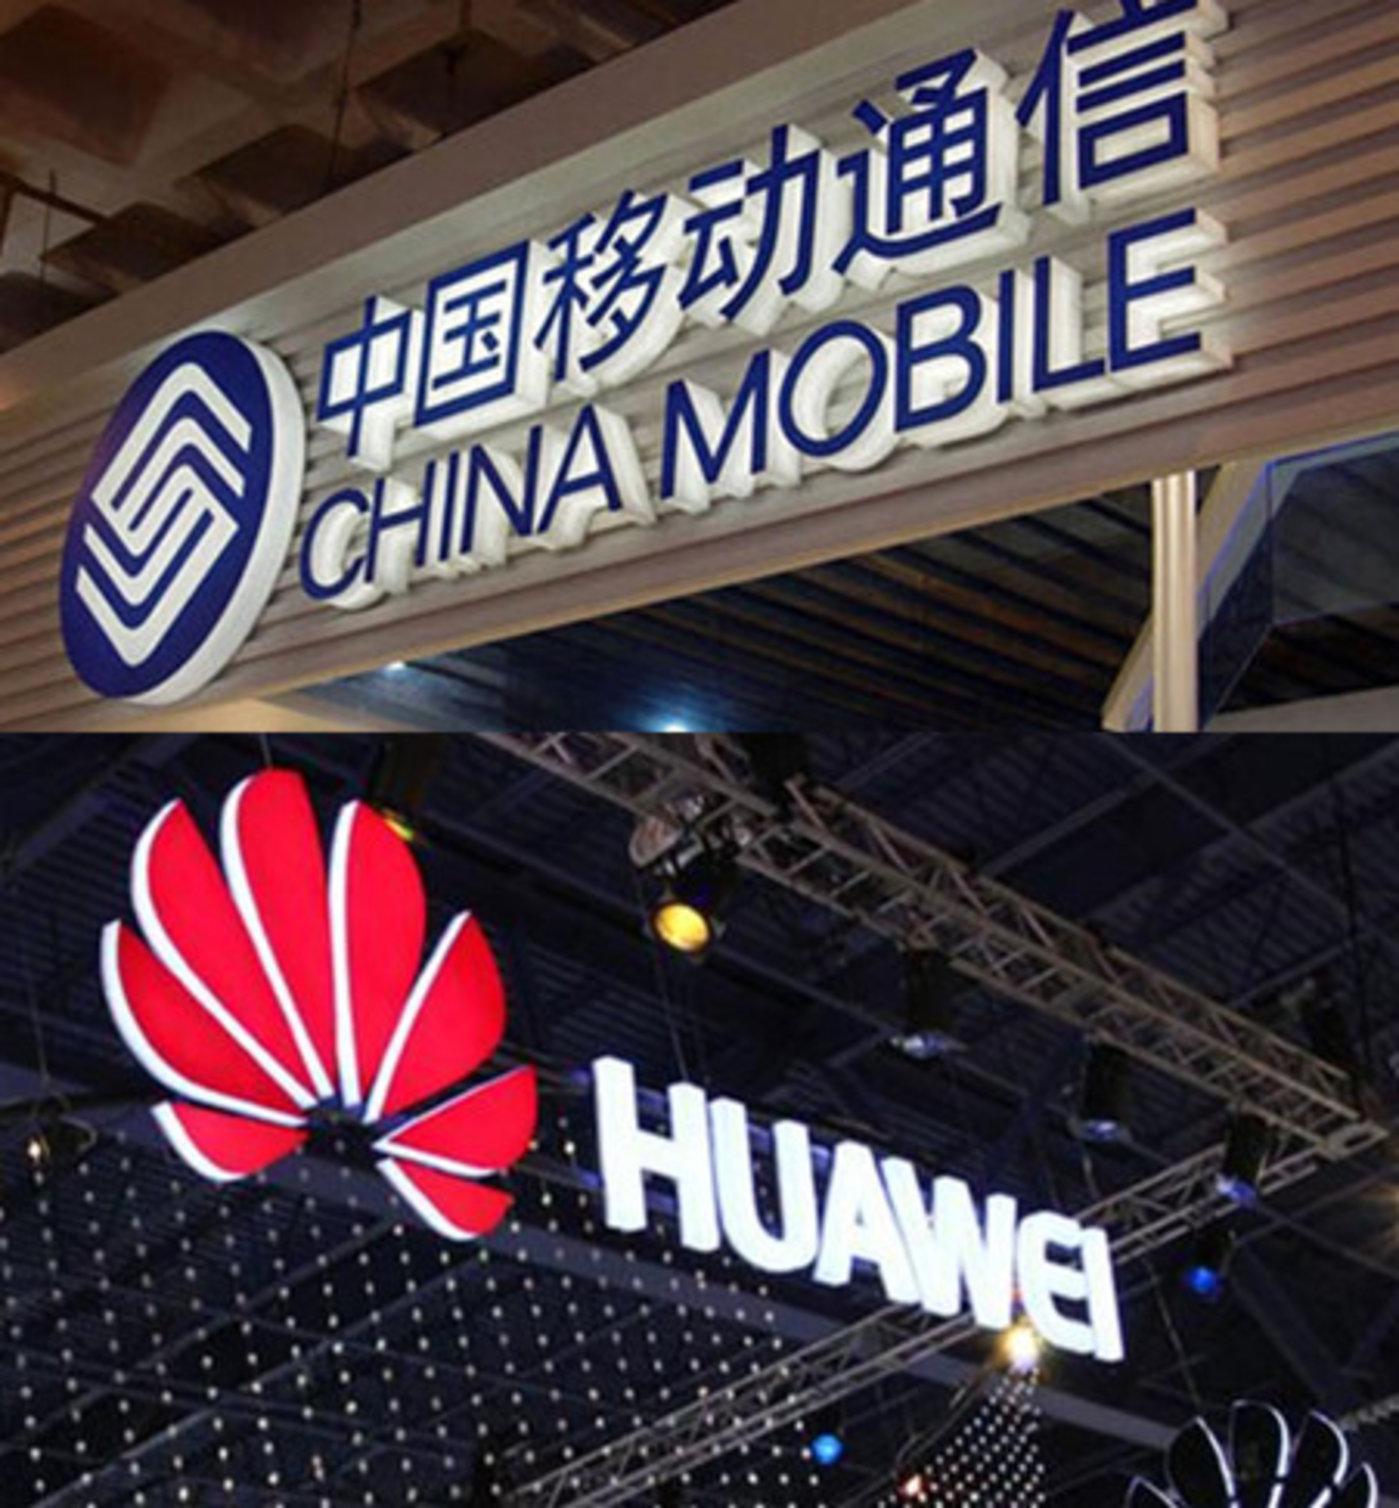 华为 中国移动 4G